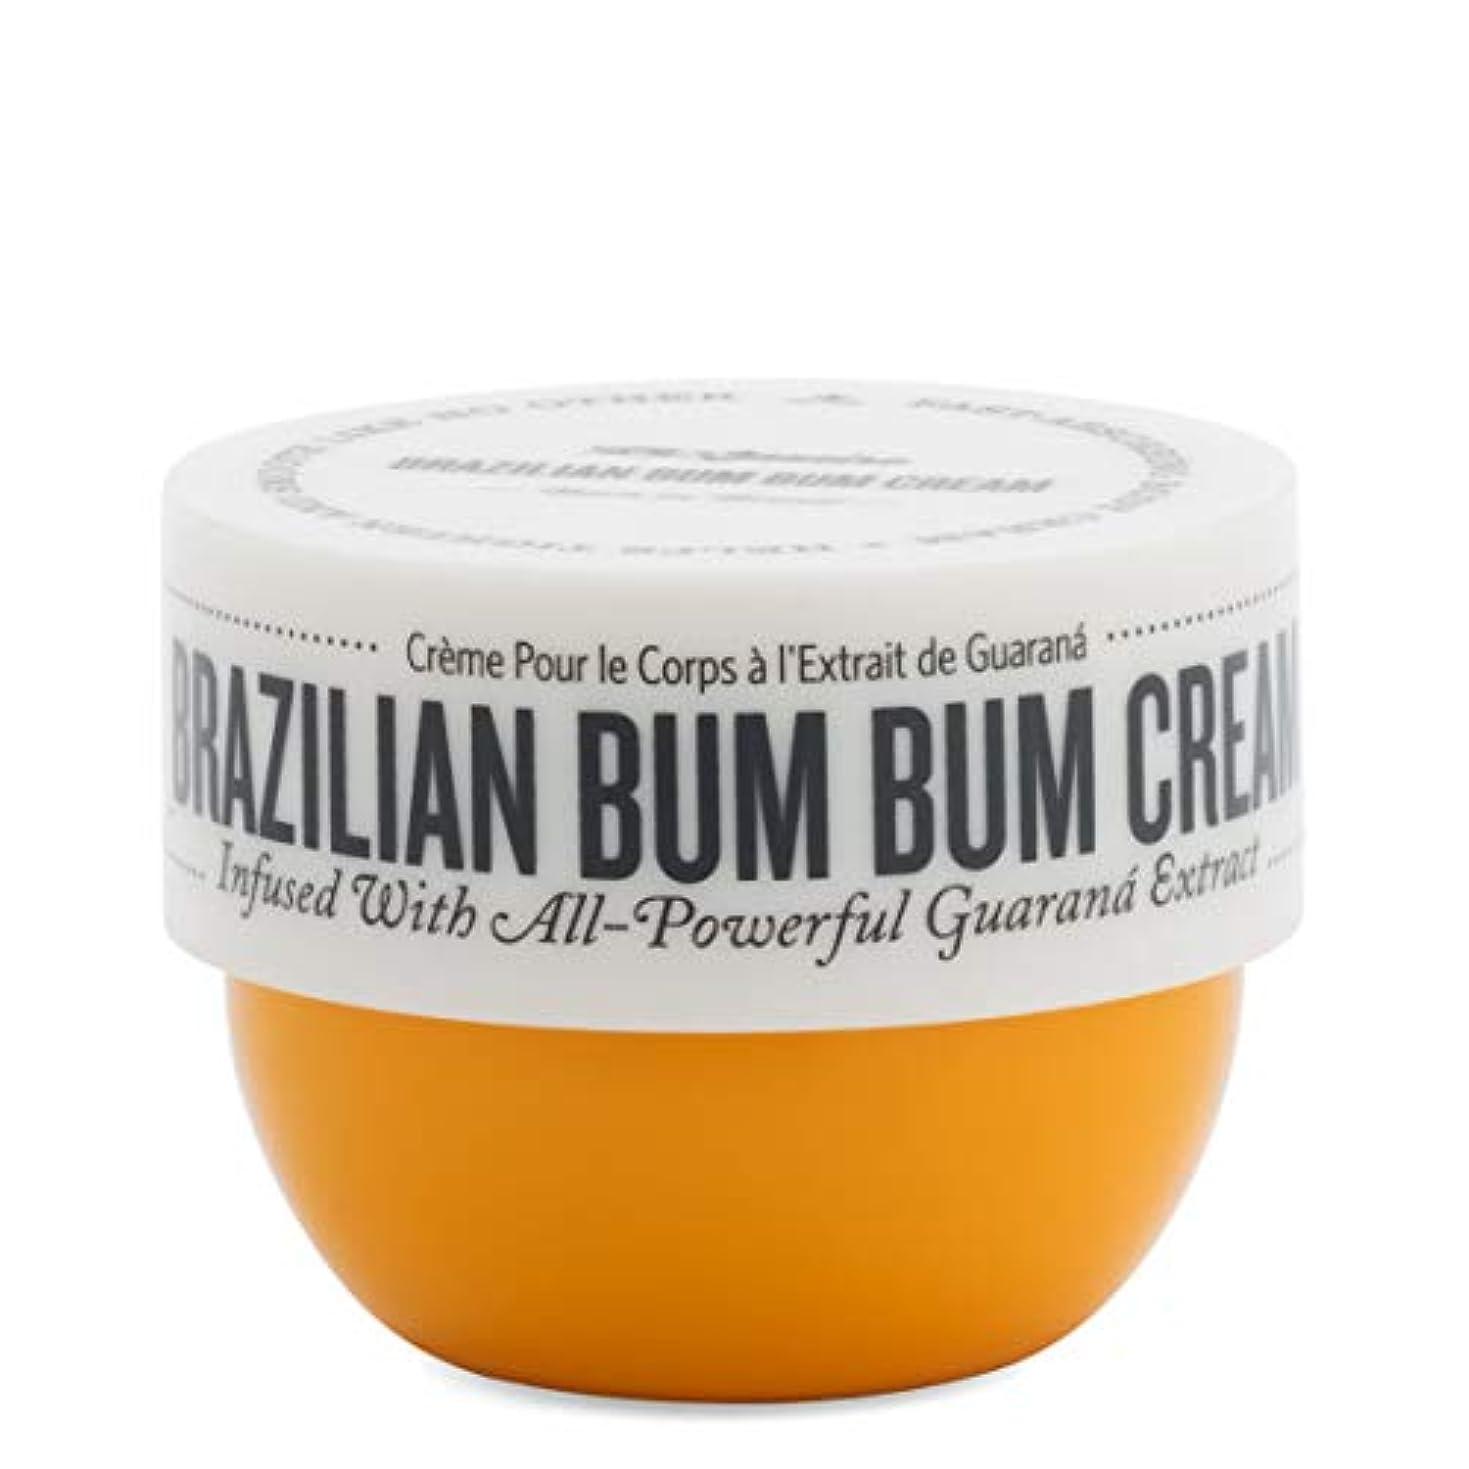 ラジカル植物のアラーム《 ブラジリアン ブンブンクリーム 》Brazilian BUM BUM Cream (74ml)